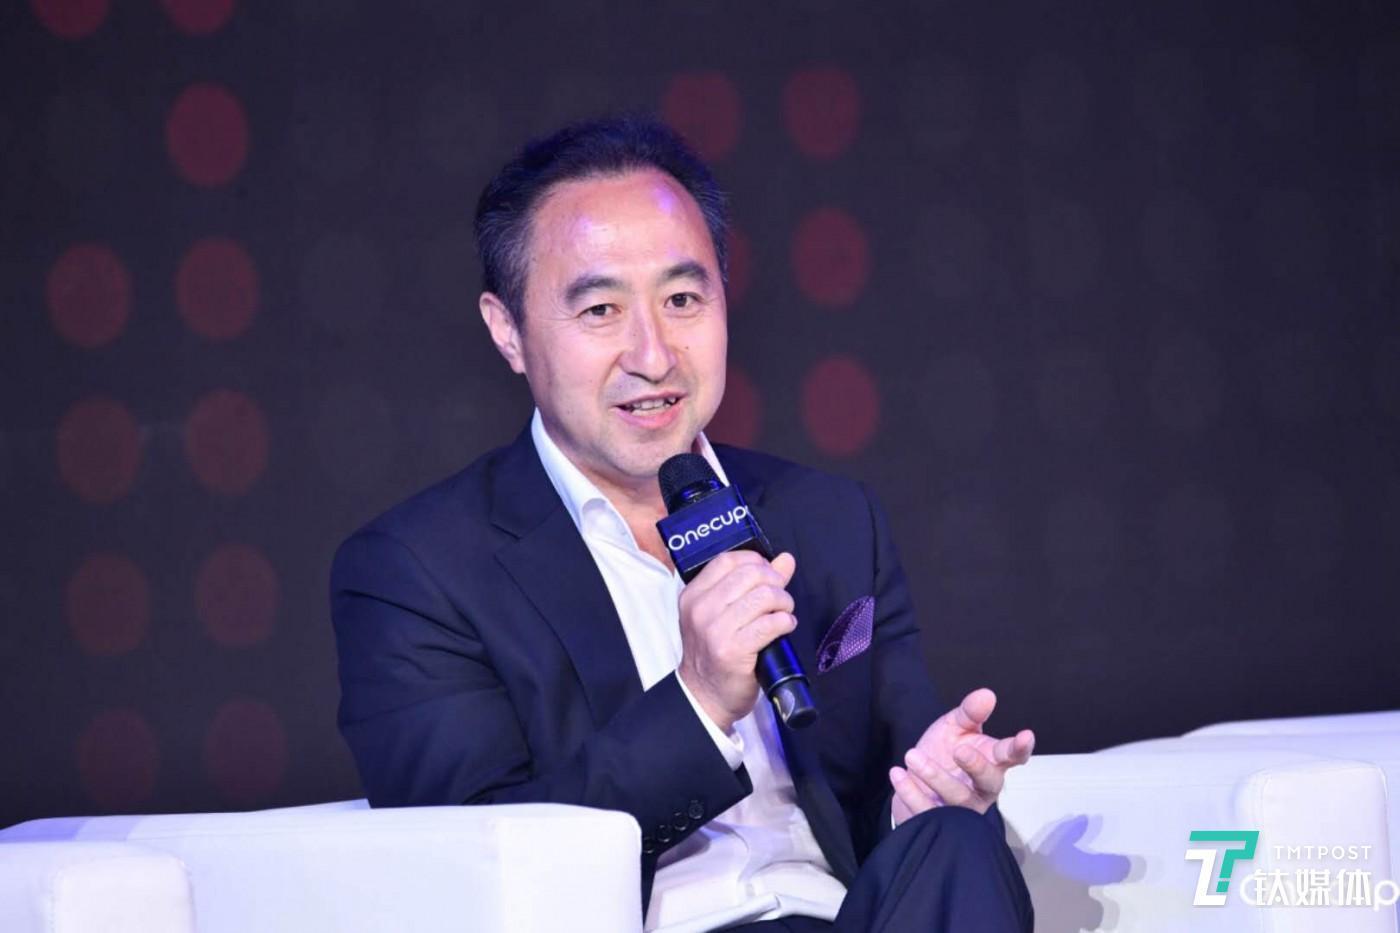 九阳集团董事长王旭宁先生接受采访